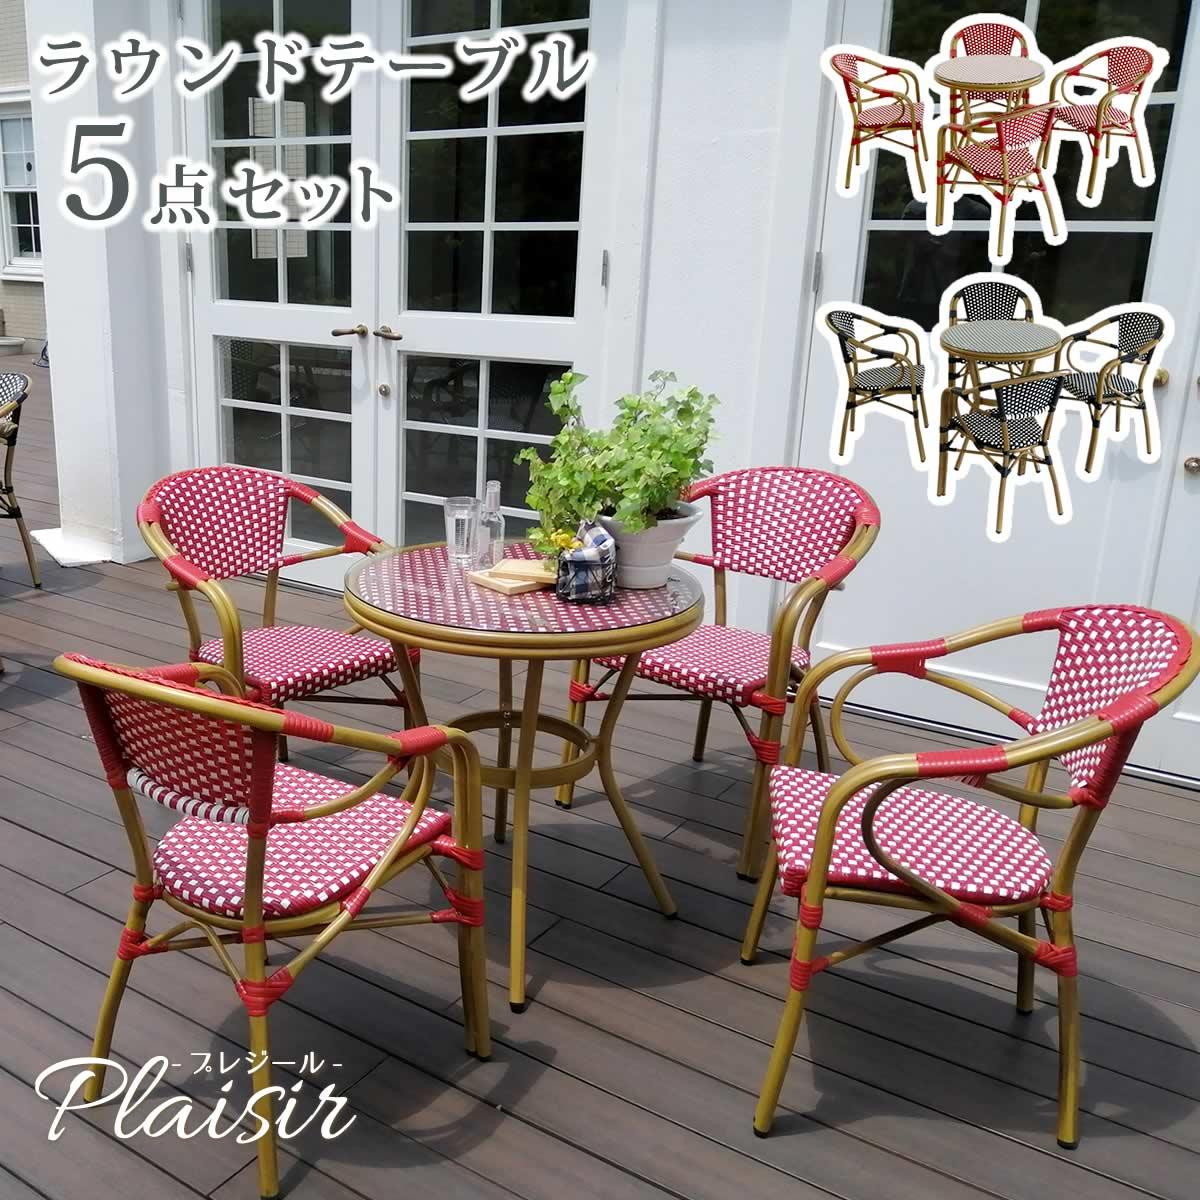 カフェテーブルセット 5点 【送料無料】 オープンカフェ テーブル 椅子 セット おしゃれ アルミ テラステーブルセット ガーデンテーブル5点セット ラタン ガラス ラウンドテーブル 円形 北欧 4人 高級 ガーデンファニチャー